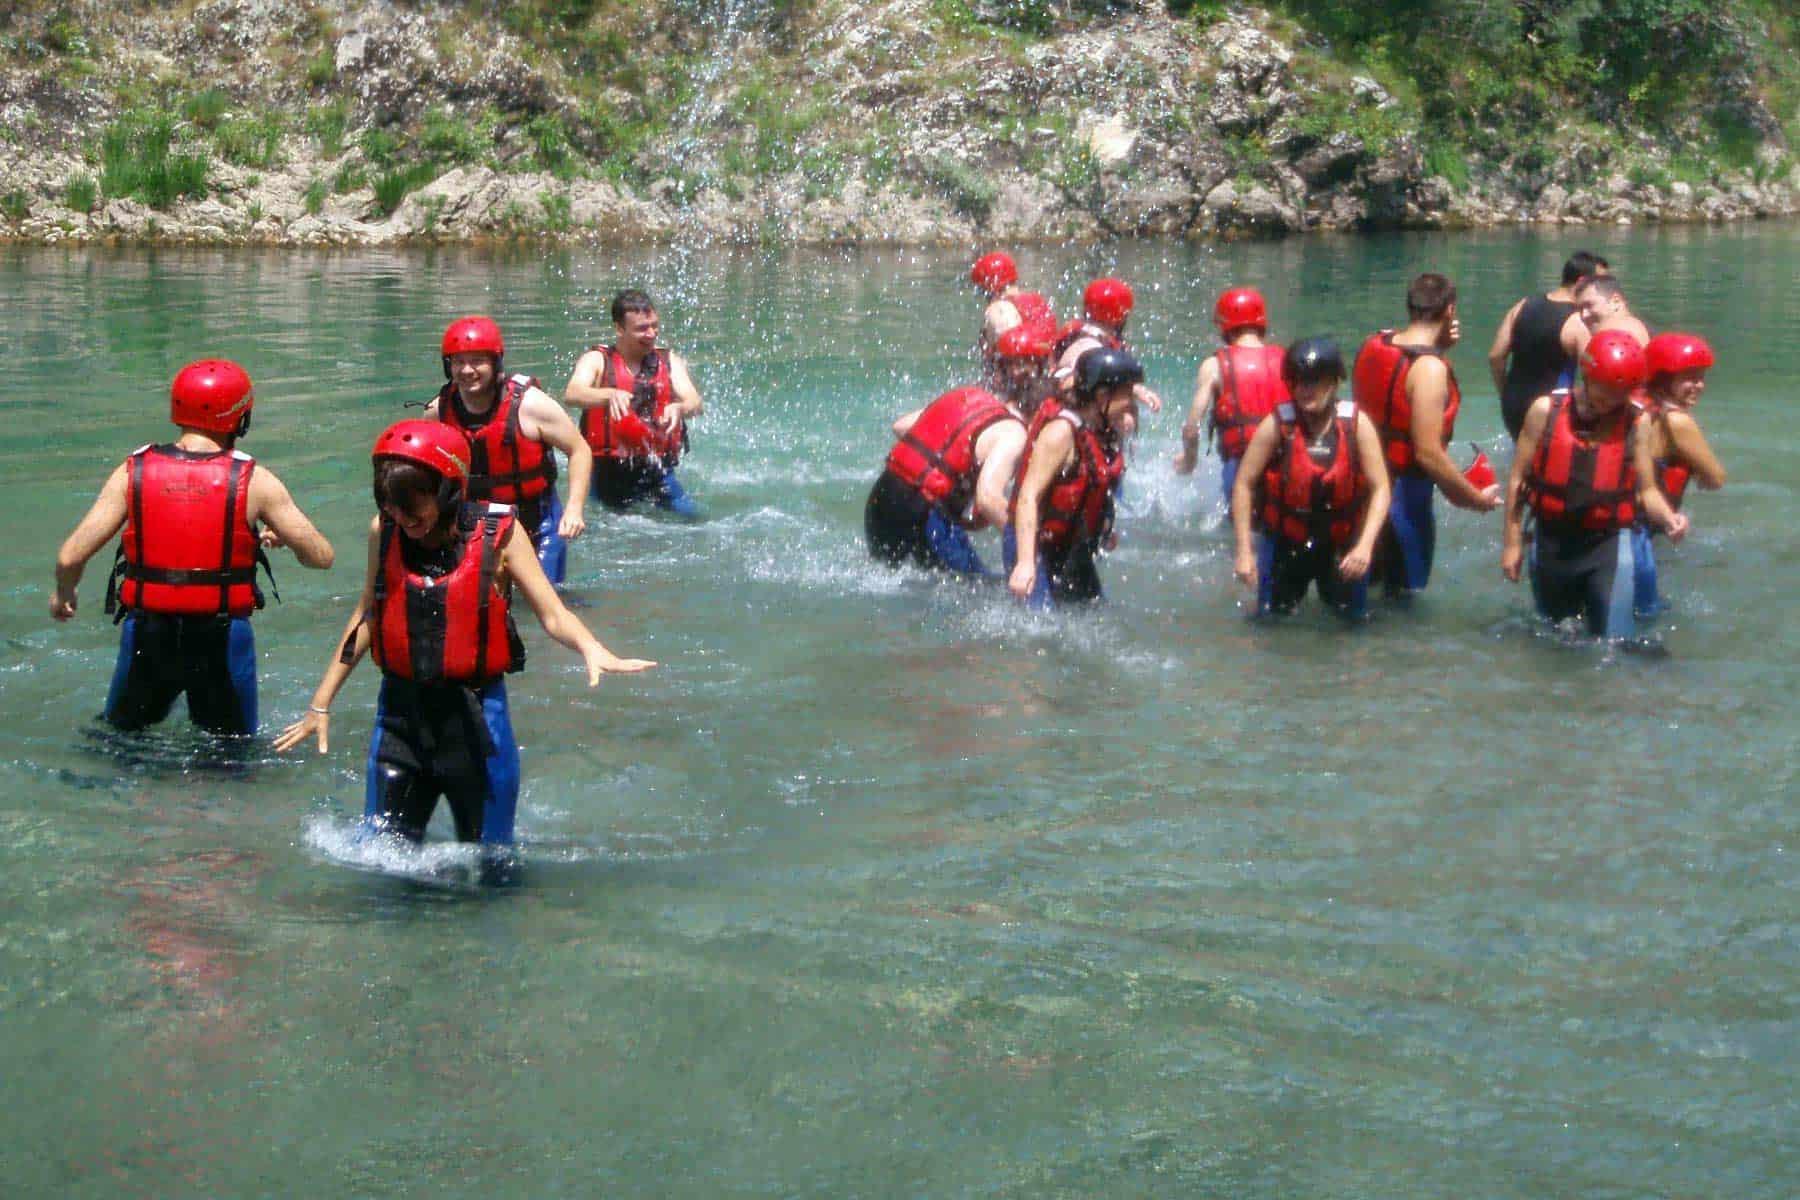 11Swimming break in the river